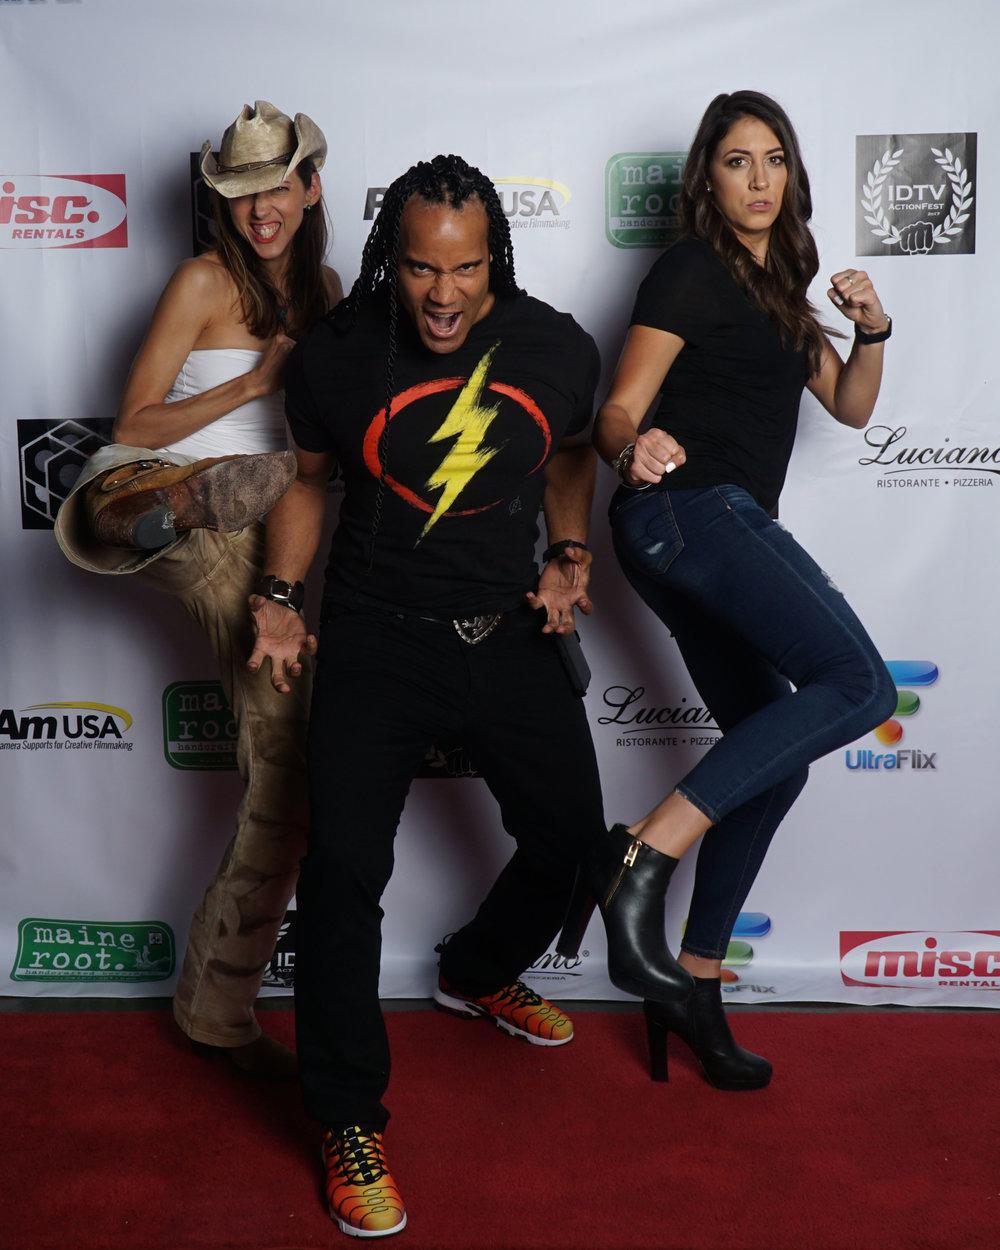 Patricia Vonne, TJ Storm, and Caitlin Dechelle